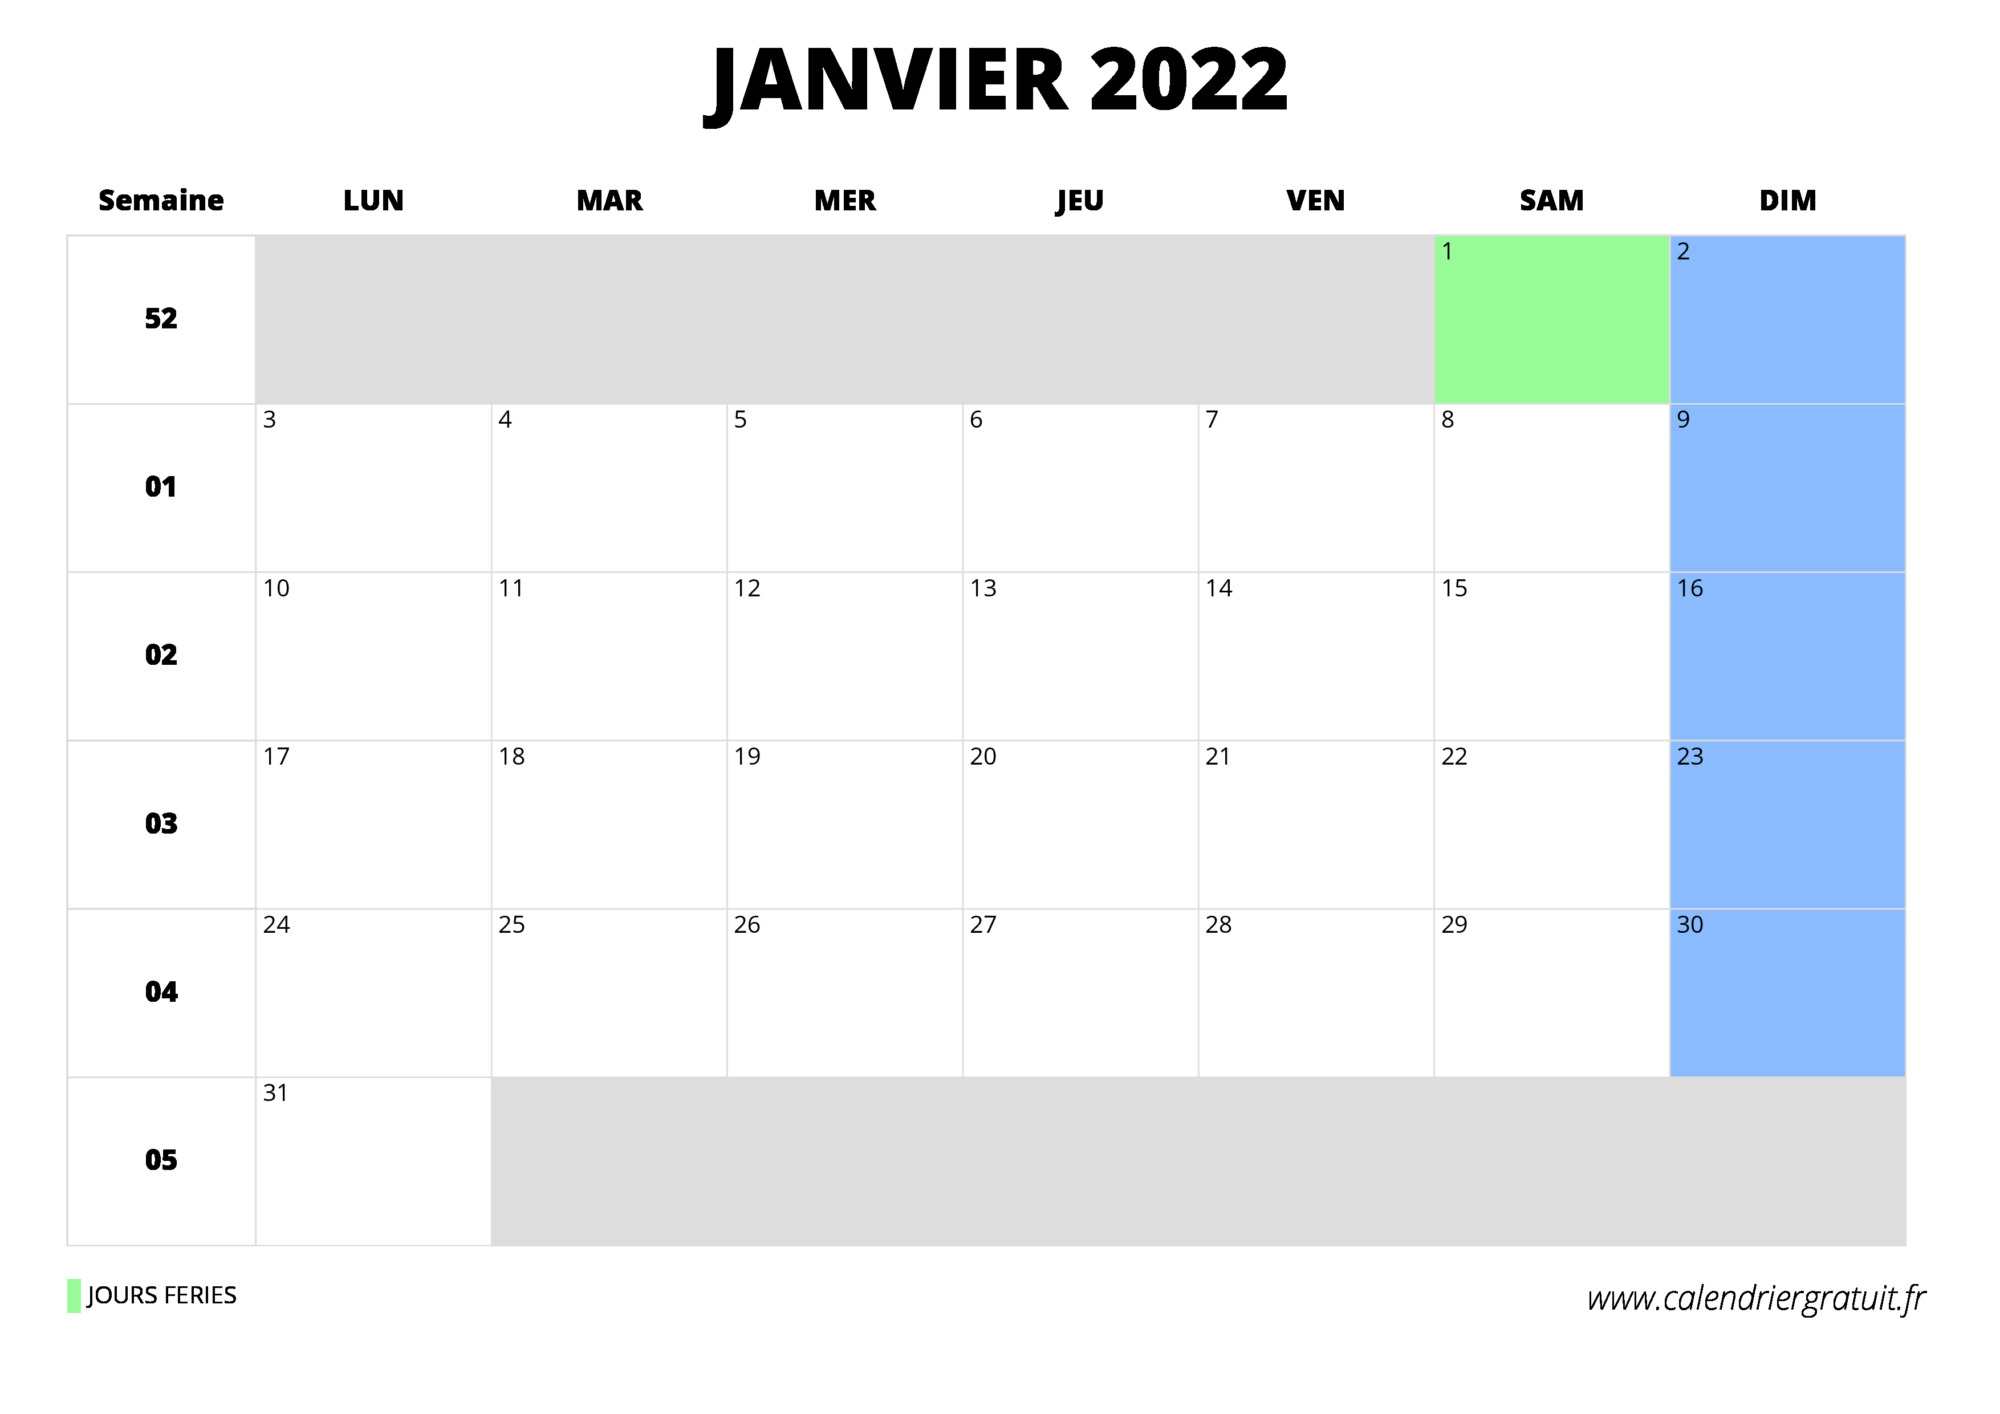 Calendrier Janvier 2022 Gratuit calendrier janvier 2022